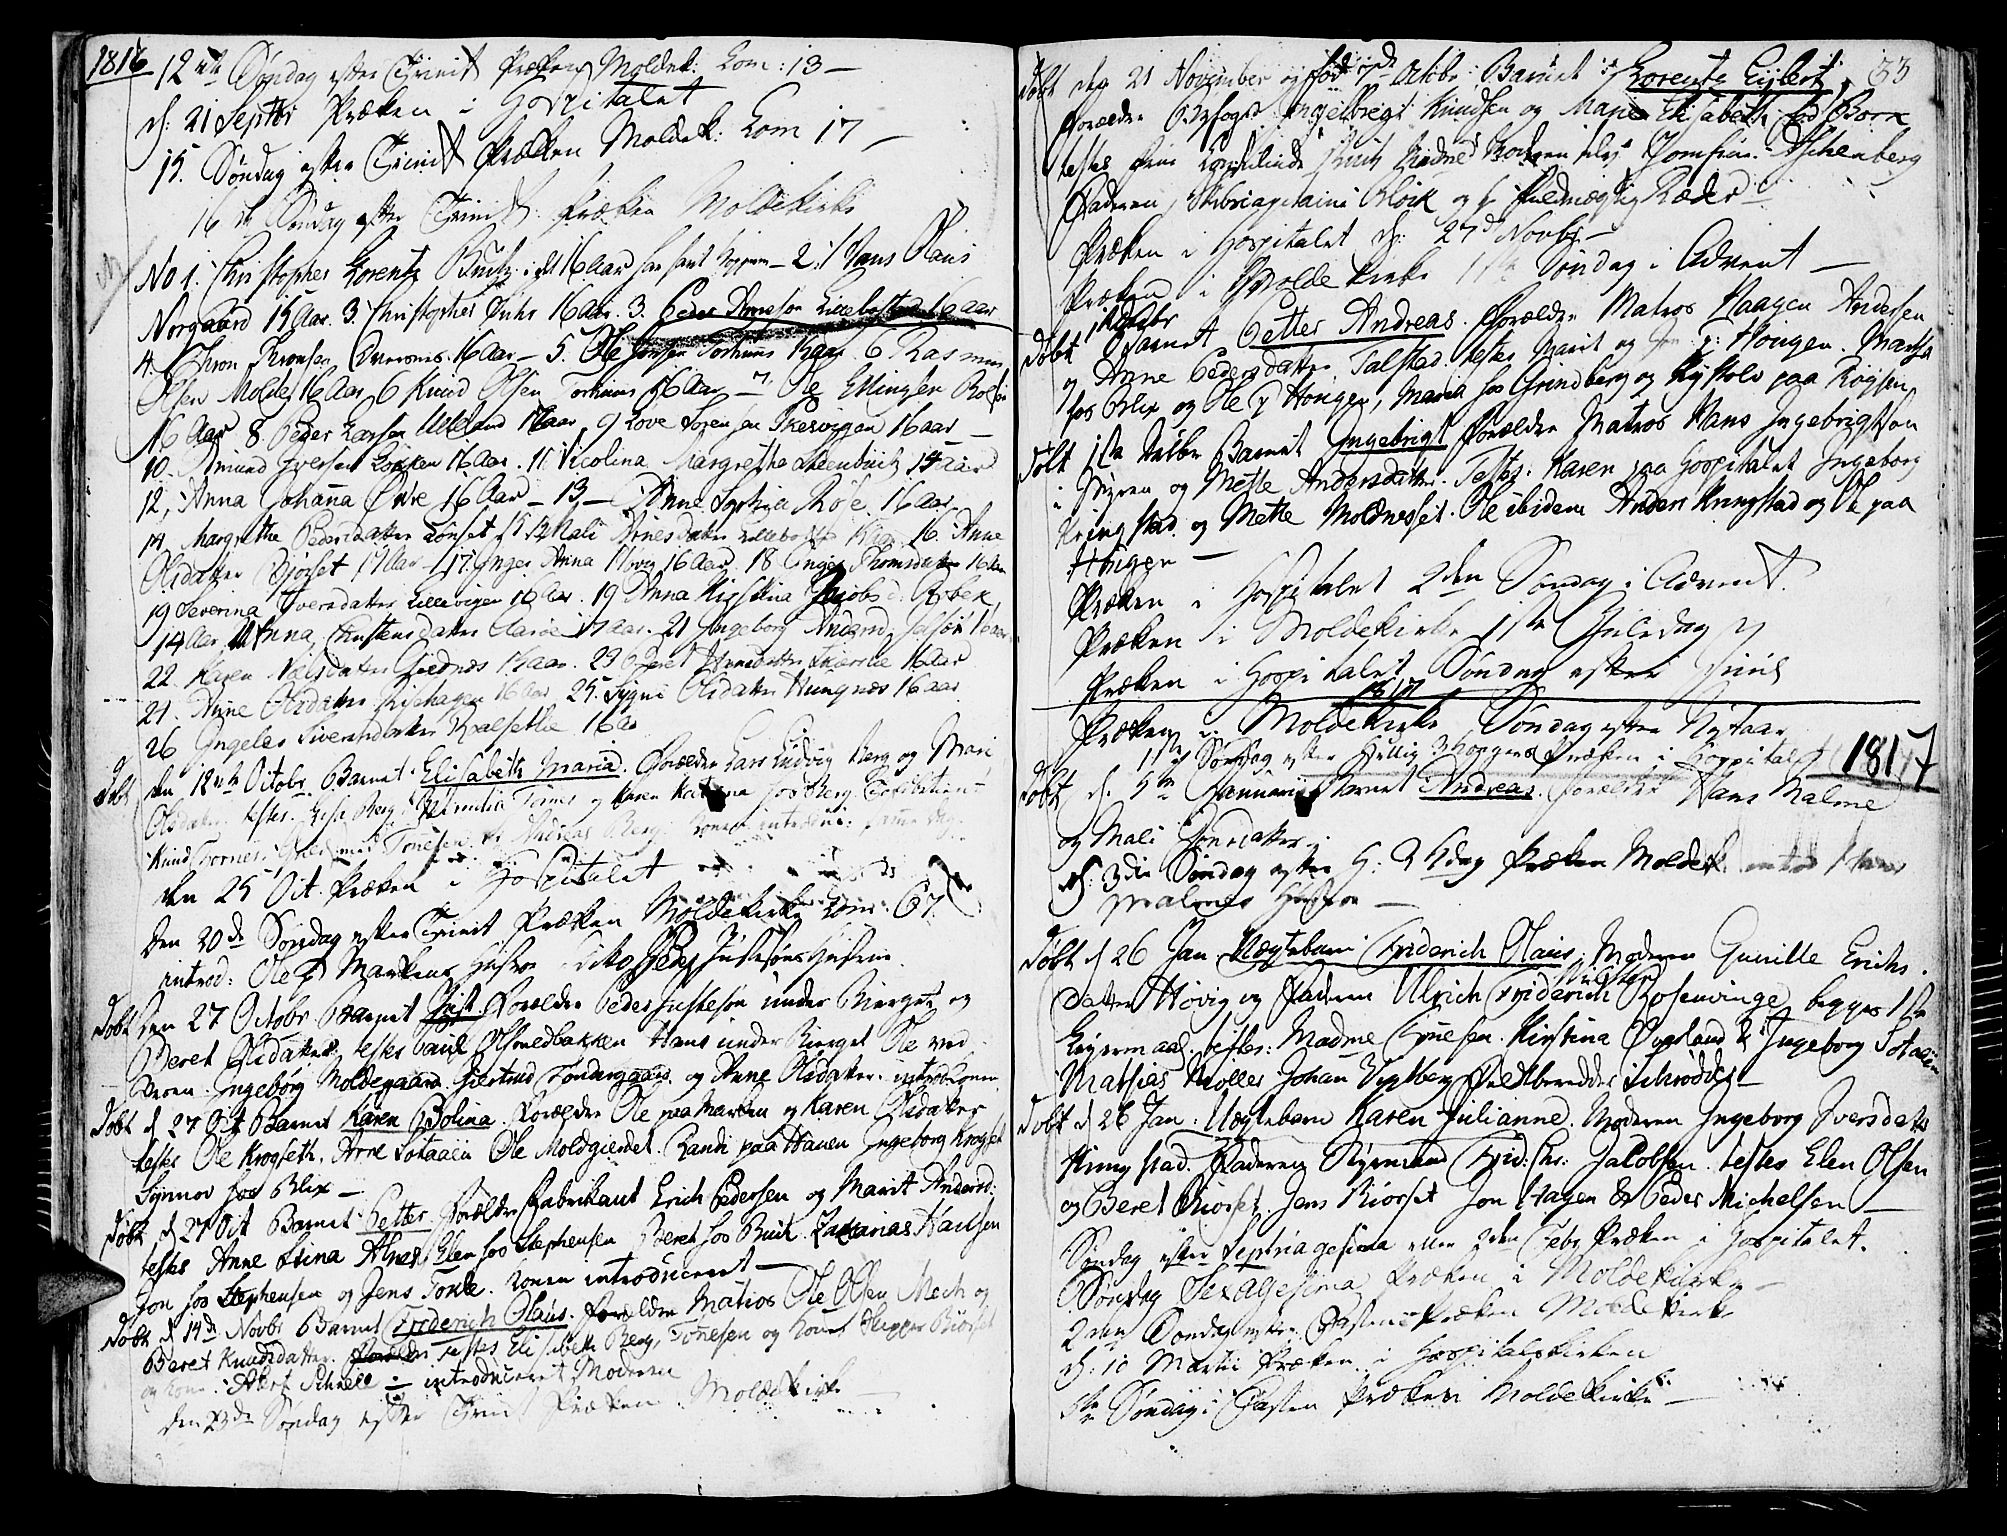 SAT, Ministerialprotokoller, klokkerbøker og fødselsregistre - Møre og Romsdal, 558/L0687: Ministerialbok nr. 558A01, 1798-1818, s. 33